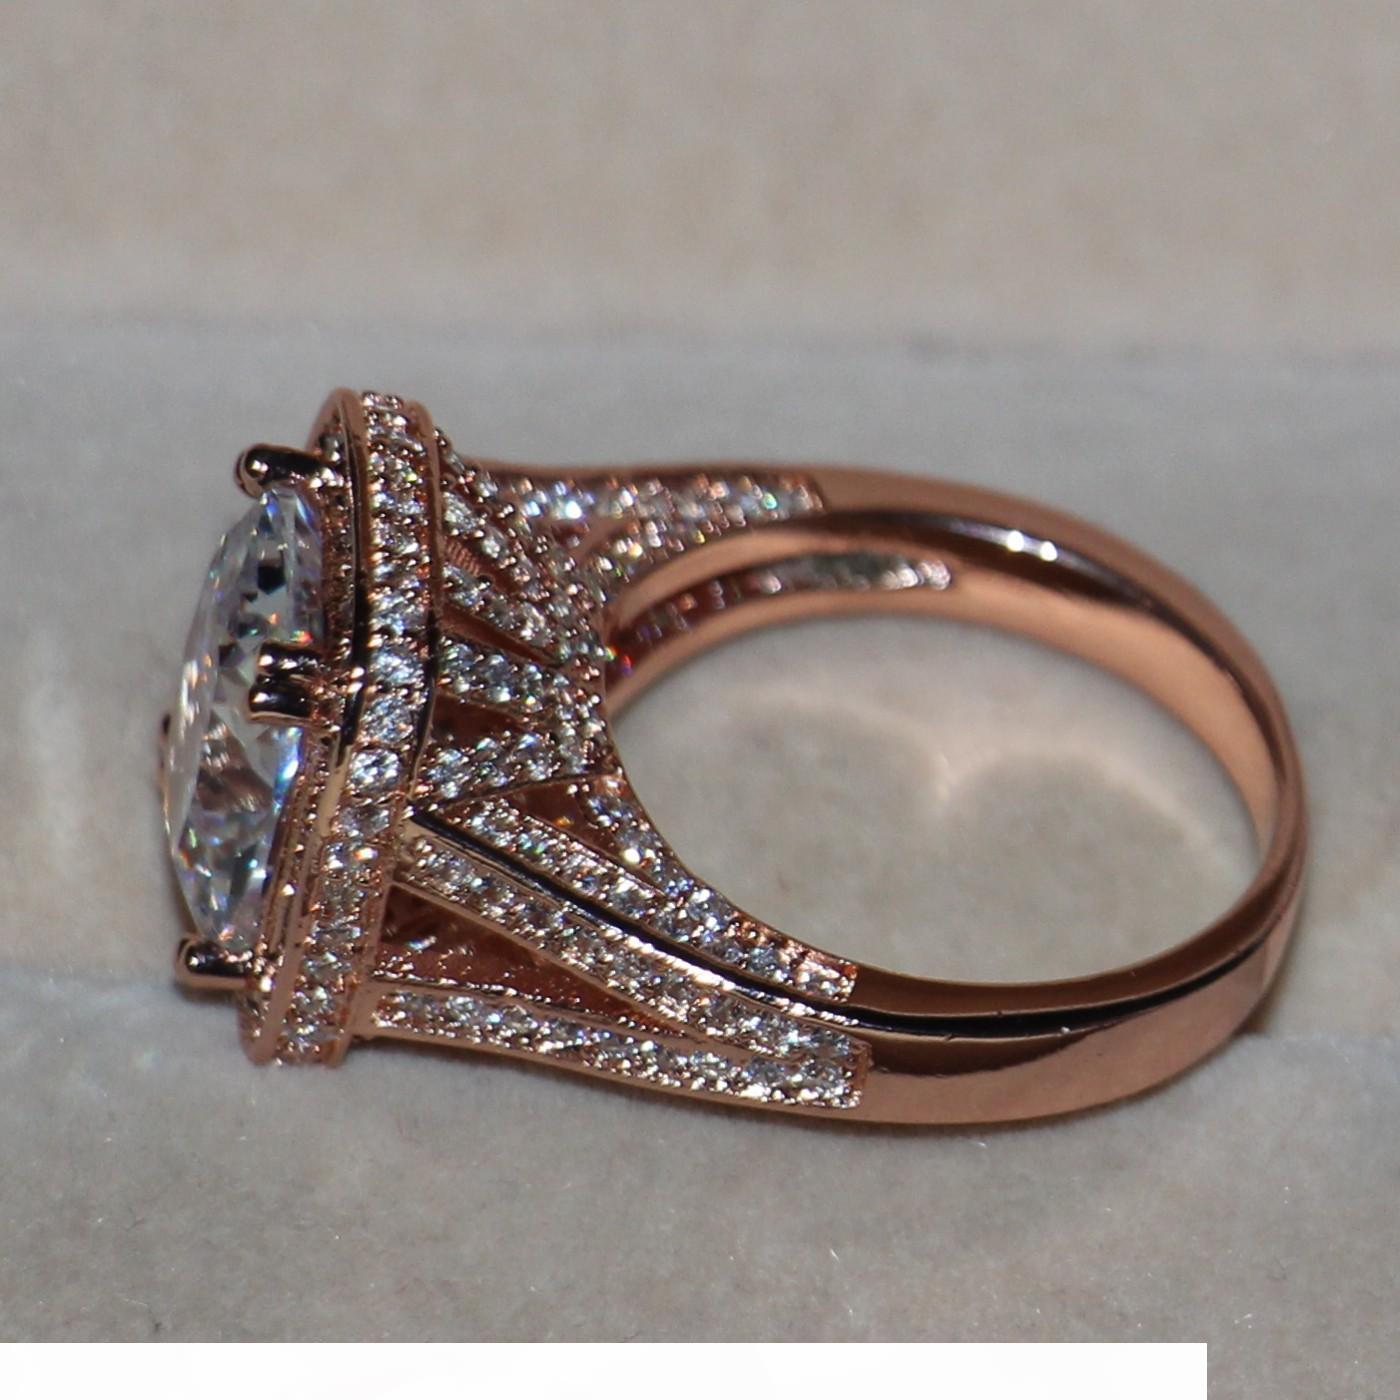 Victoria Wieck joyería de lujo 10ct topacio 192pcs Tiny plata esterlina CZ 925 Rose pavimentan el diamante simulado de boda anillo de la venda mujeres de tamaño 5-11